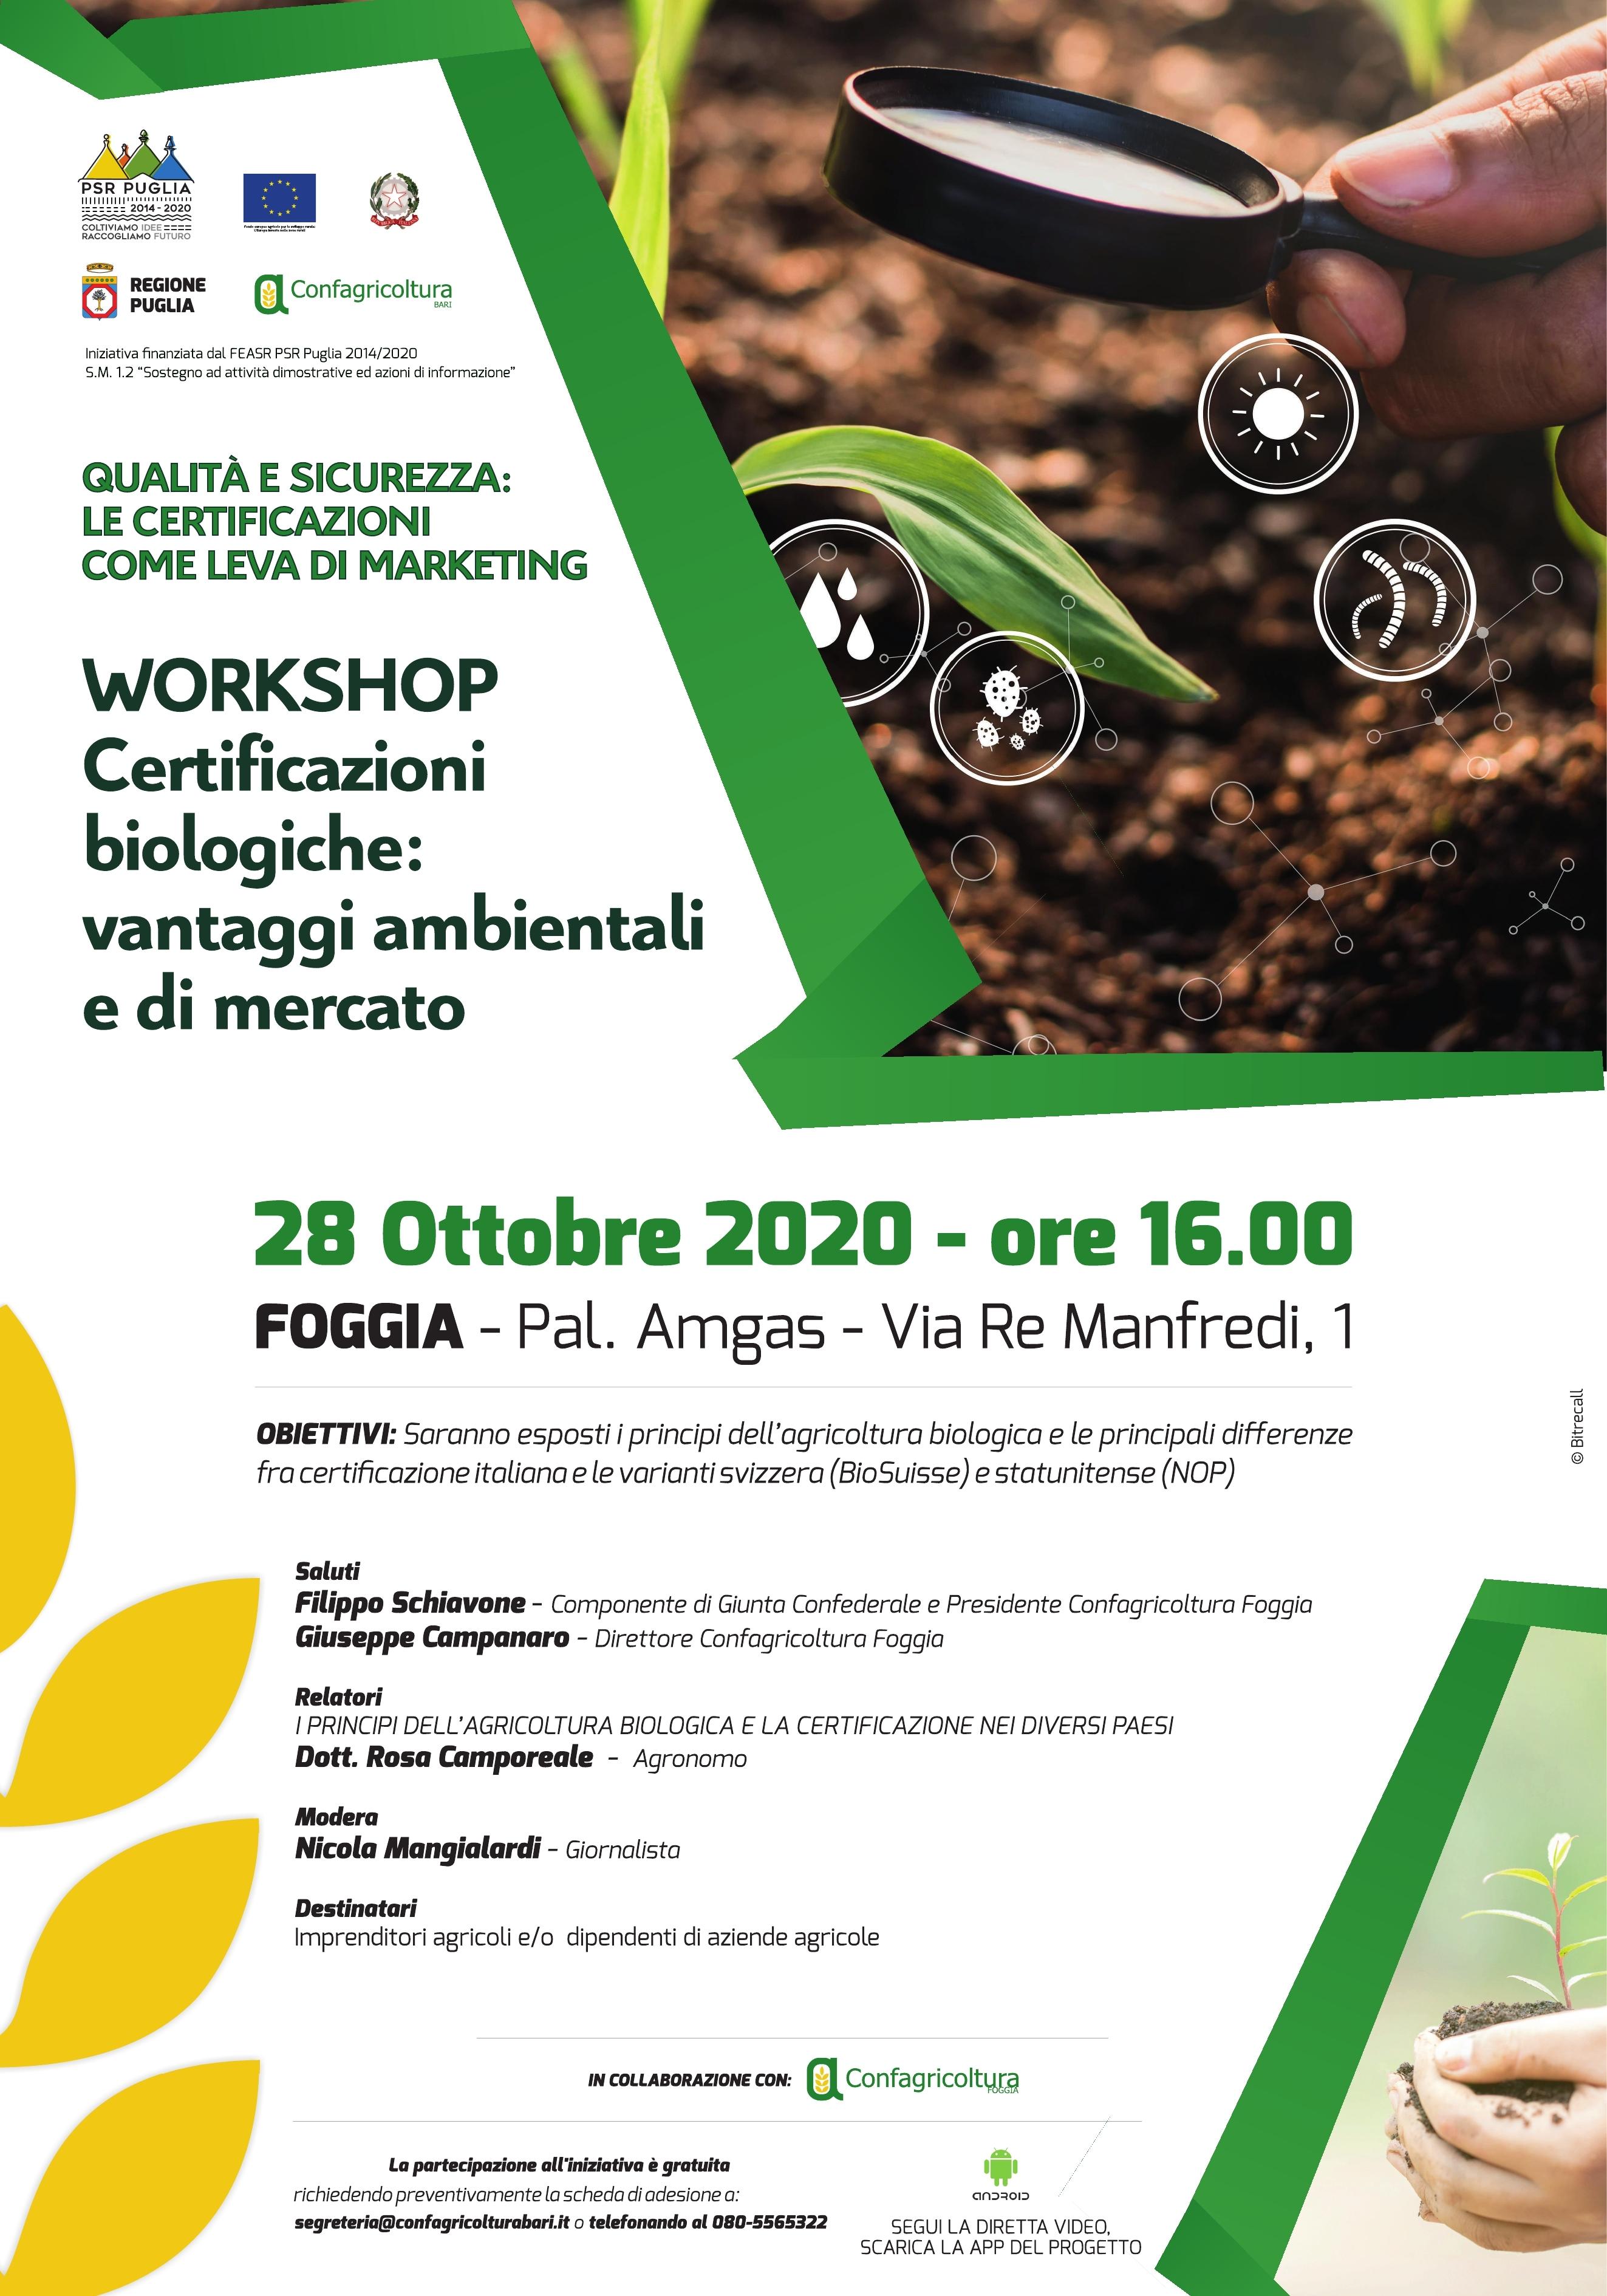 Certificazioni biologiche: vantaggi ambientali e di mercato